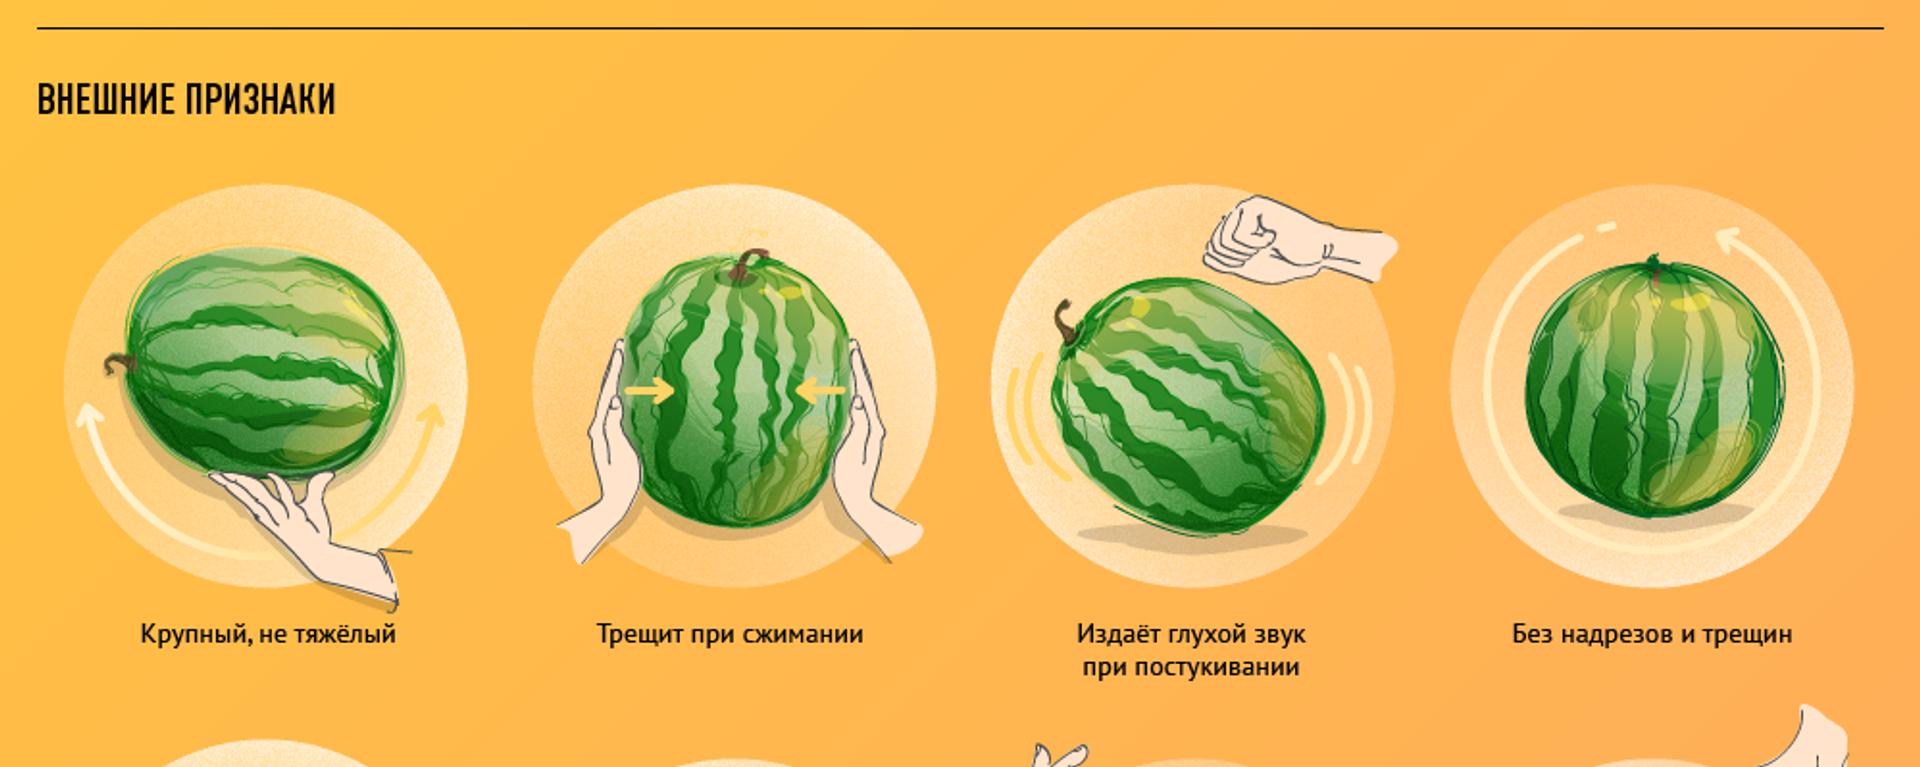 Как выбрать самый вкусный арбуз - Sputnik Узбекистан, 1920, 22.07.2019